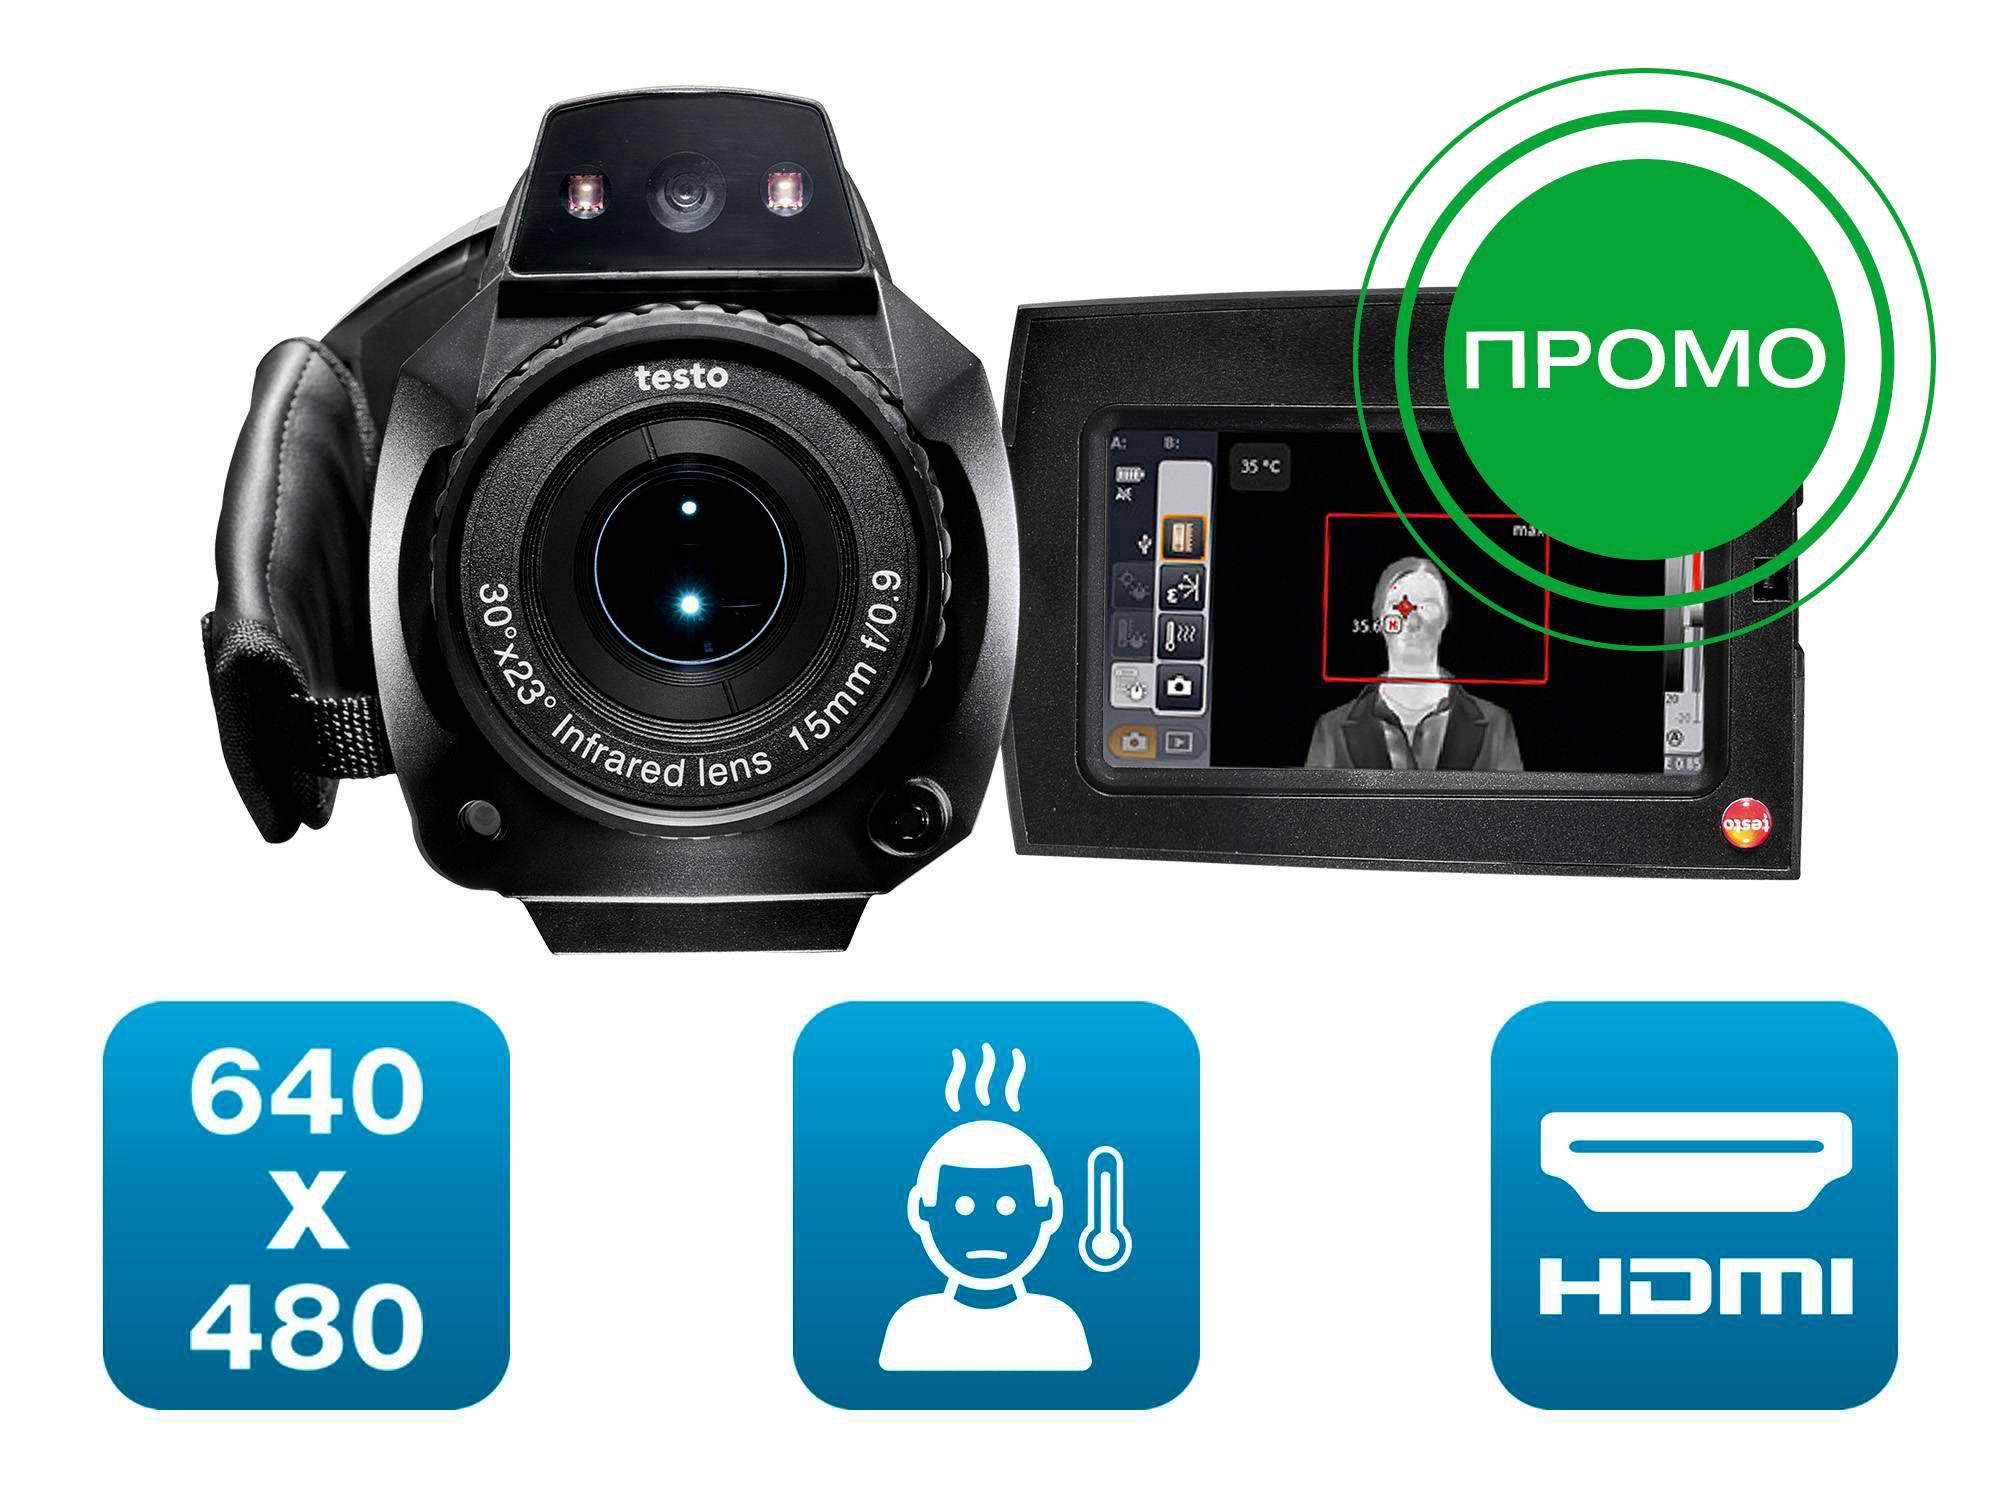 testo-890-J1-2000x1500-RU.jpg